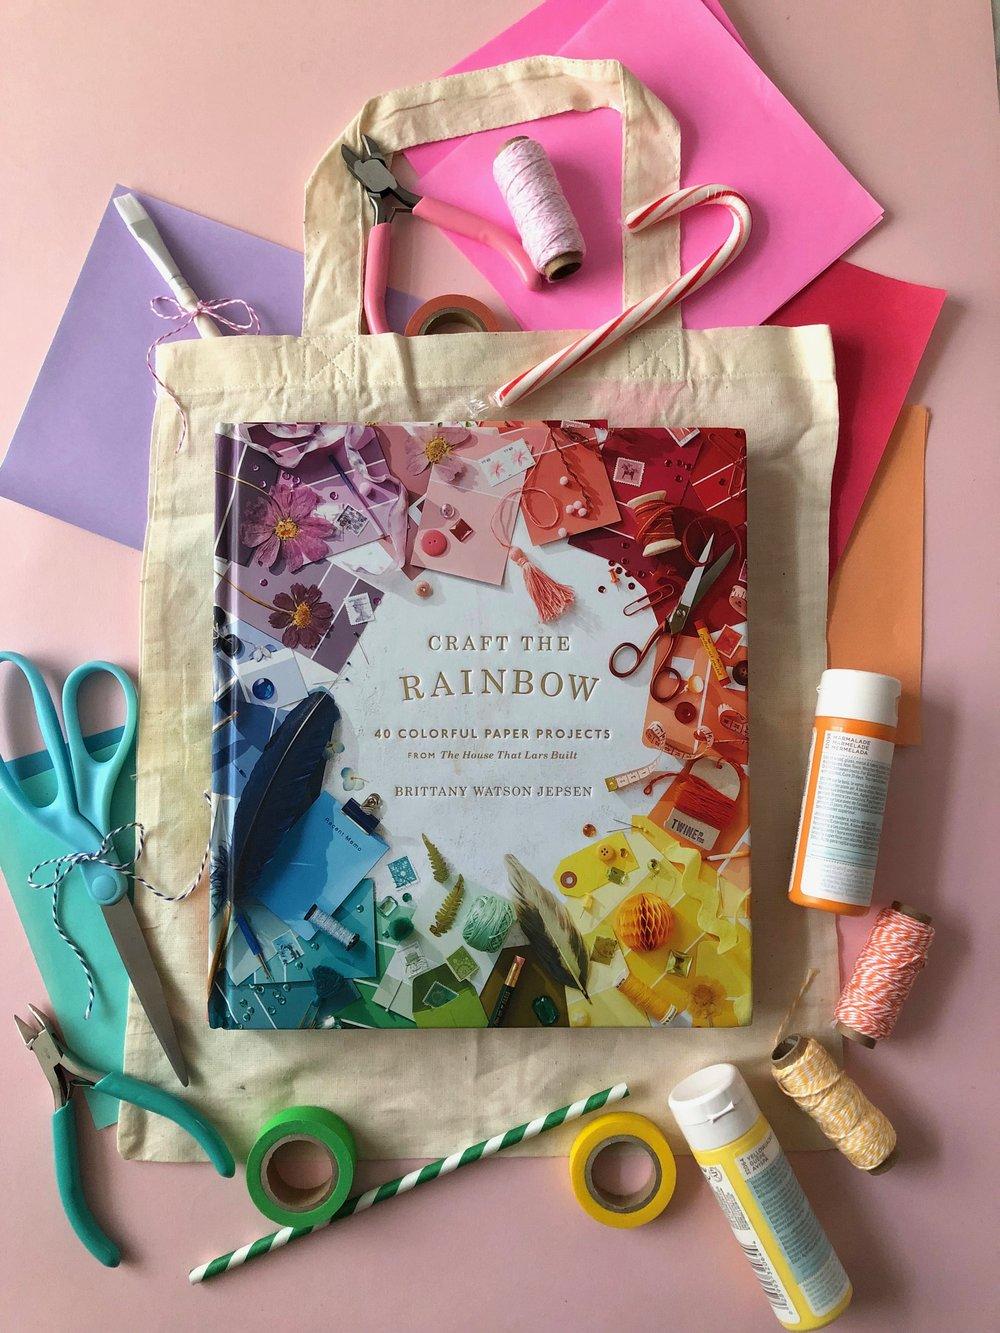 Craft The Rainbow Gift Kit